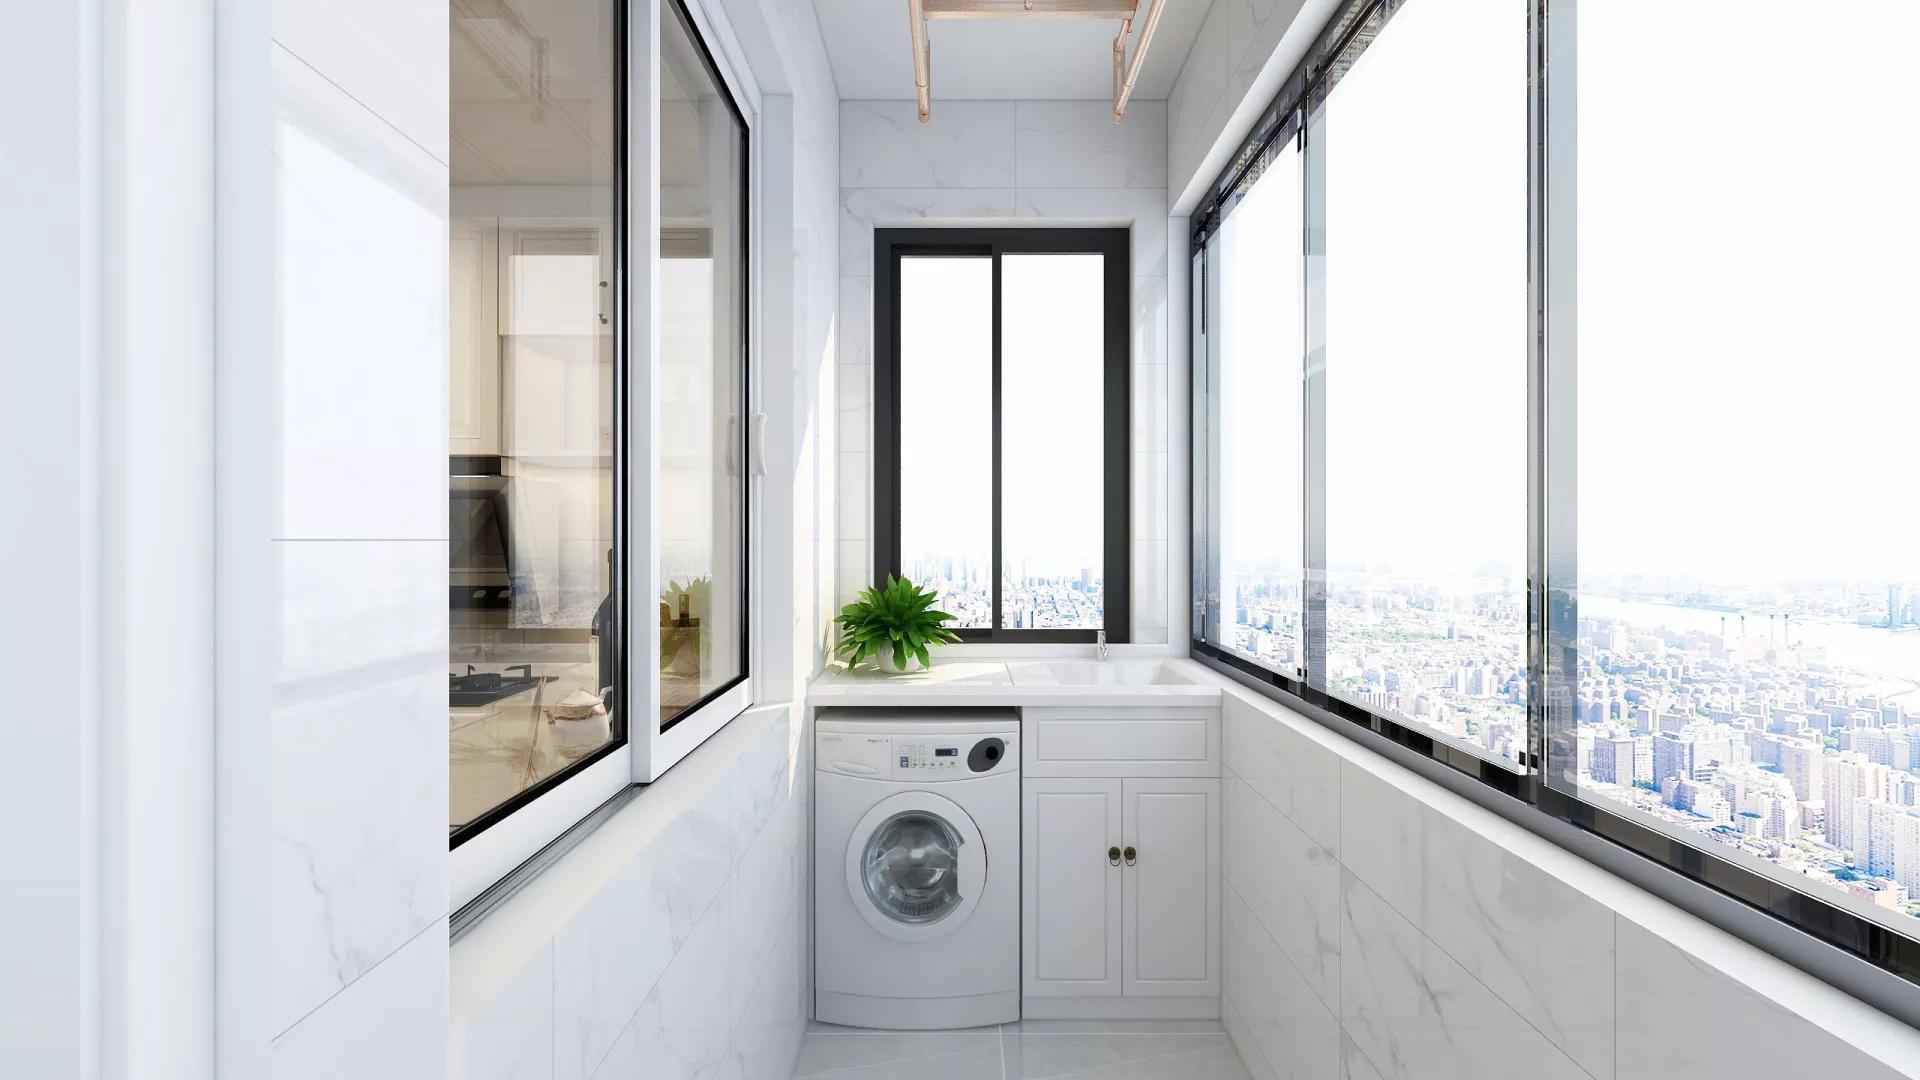 小面积卫生间怎么装修 小面积卫生间装修技巧